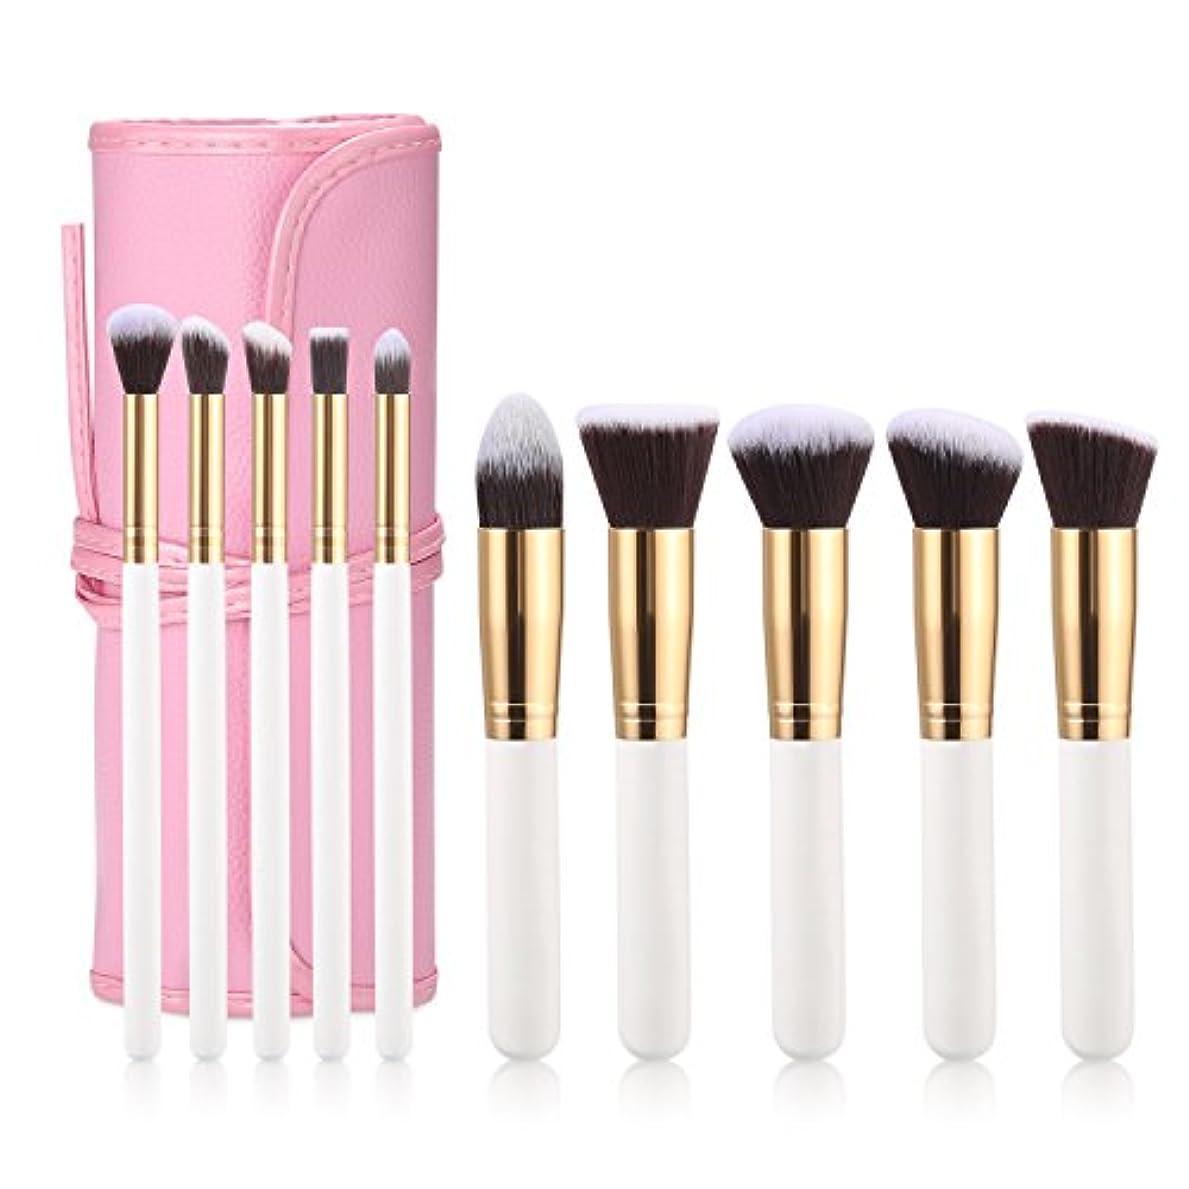 成熟影響する最小化する化粧ブラシをセット,化粧ブラシ 化粧筆 ,パウダーブラシ、ファンデーションブラシ、チークブラシ、ハイライトブラシ、アイ シャドウブラシ、アイライナーブラシ,リップブラシ,10本の化粧筆,良質の化粧品袋を配達する,高品質の...